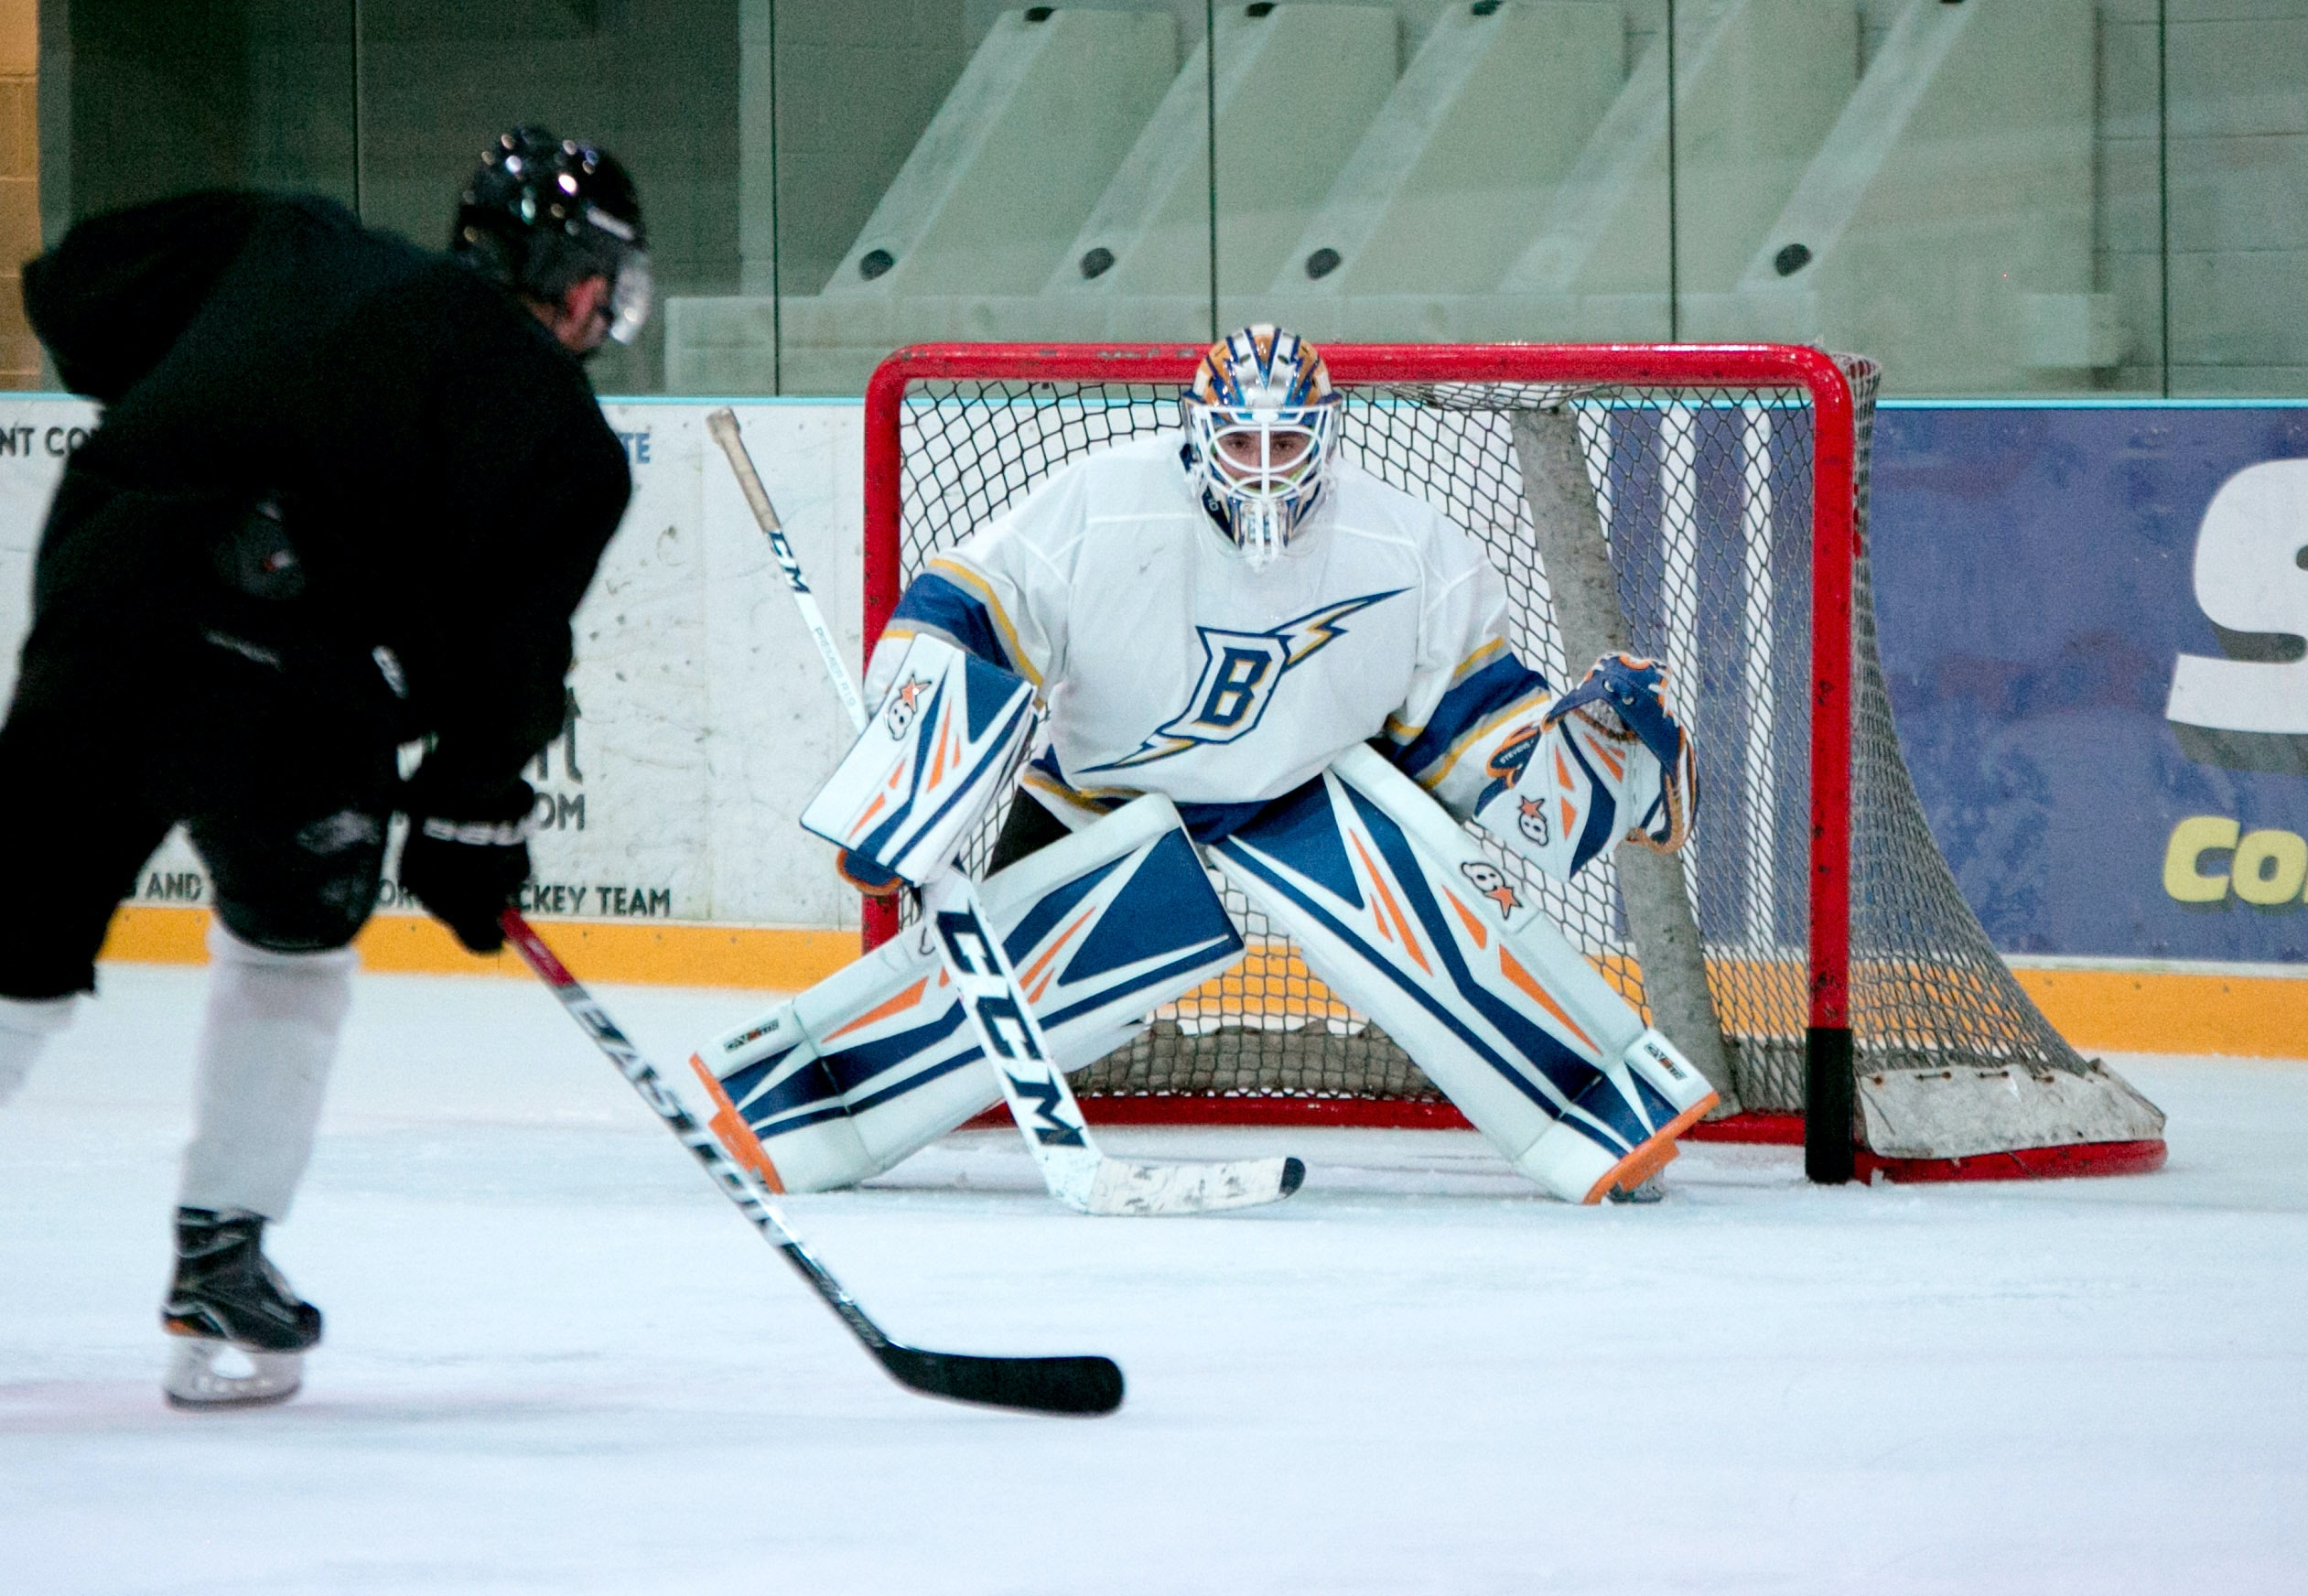 man taking aim for goal on hockey goalie